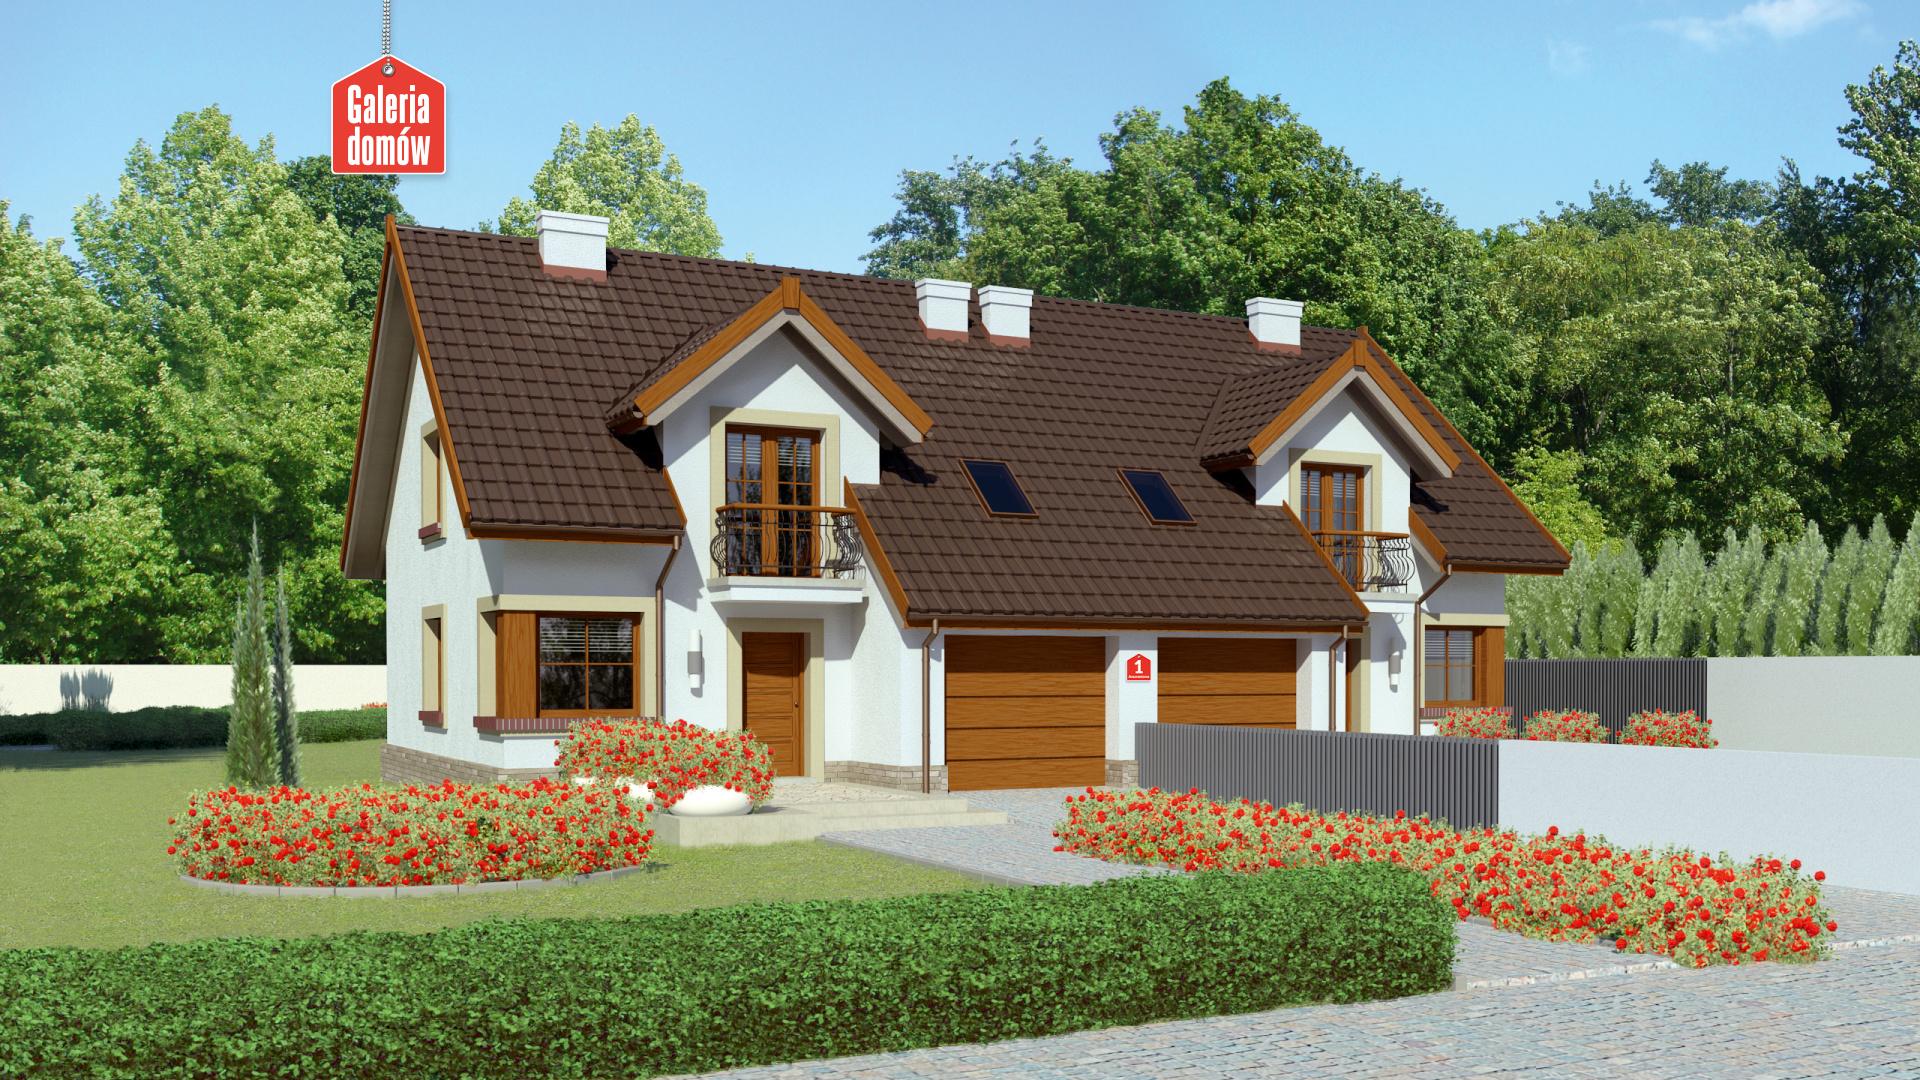 Dom przy Amarantowej - zdjęcie projektu i wizualizacja